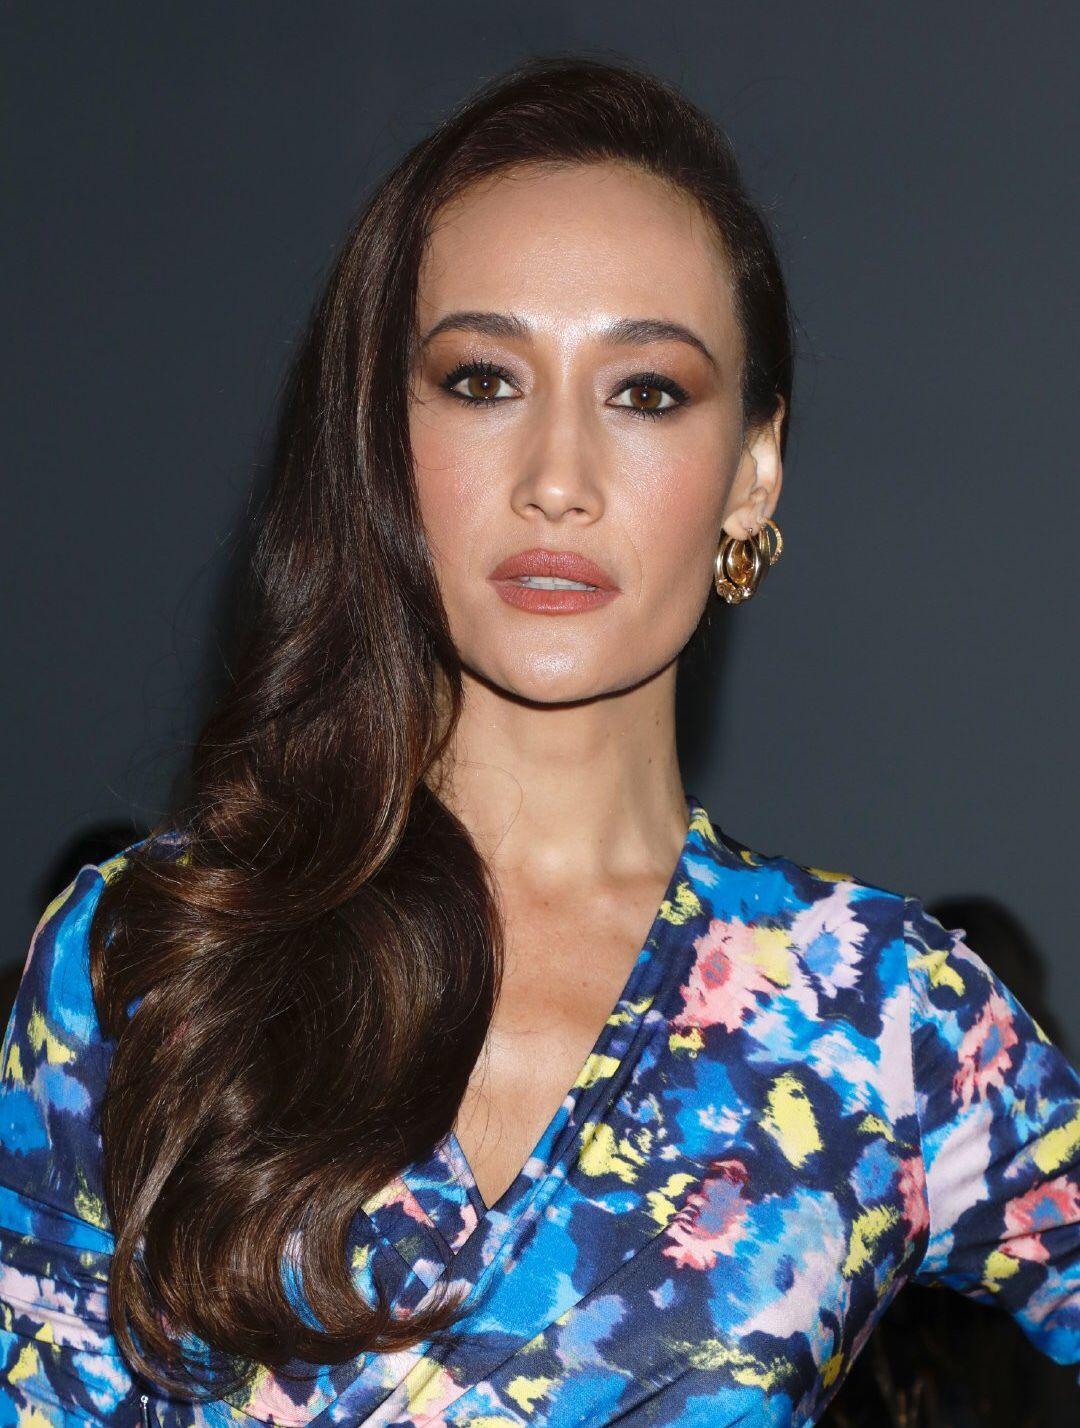 李美琪:一个独具品质与争议的女演员